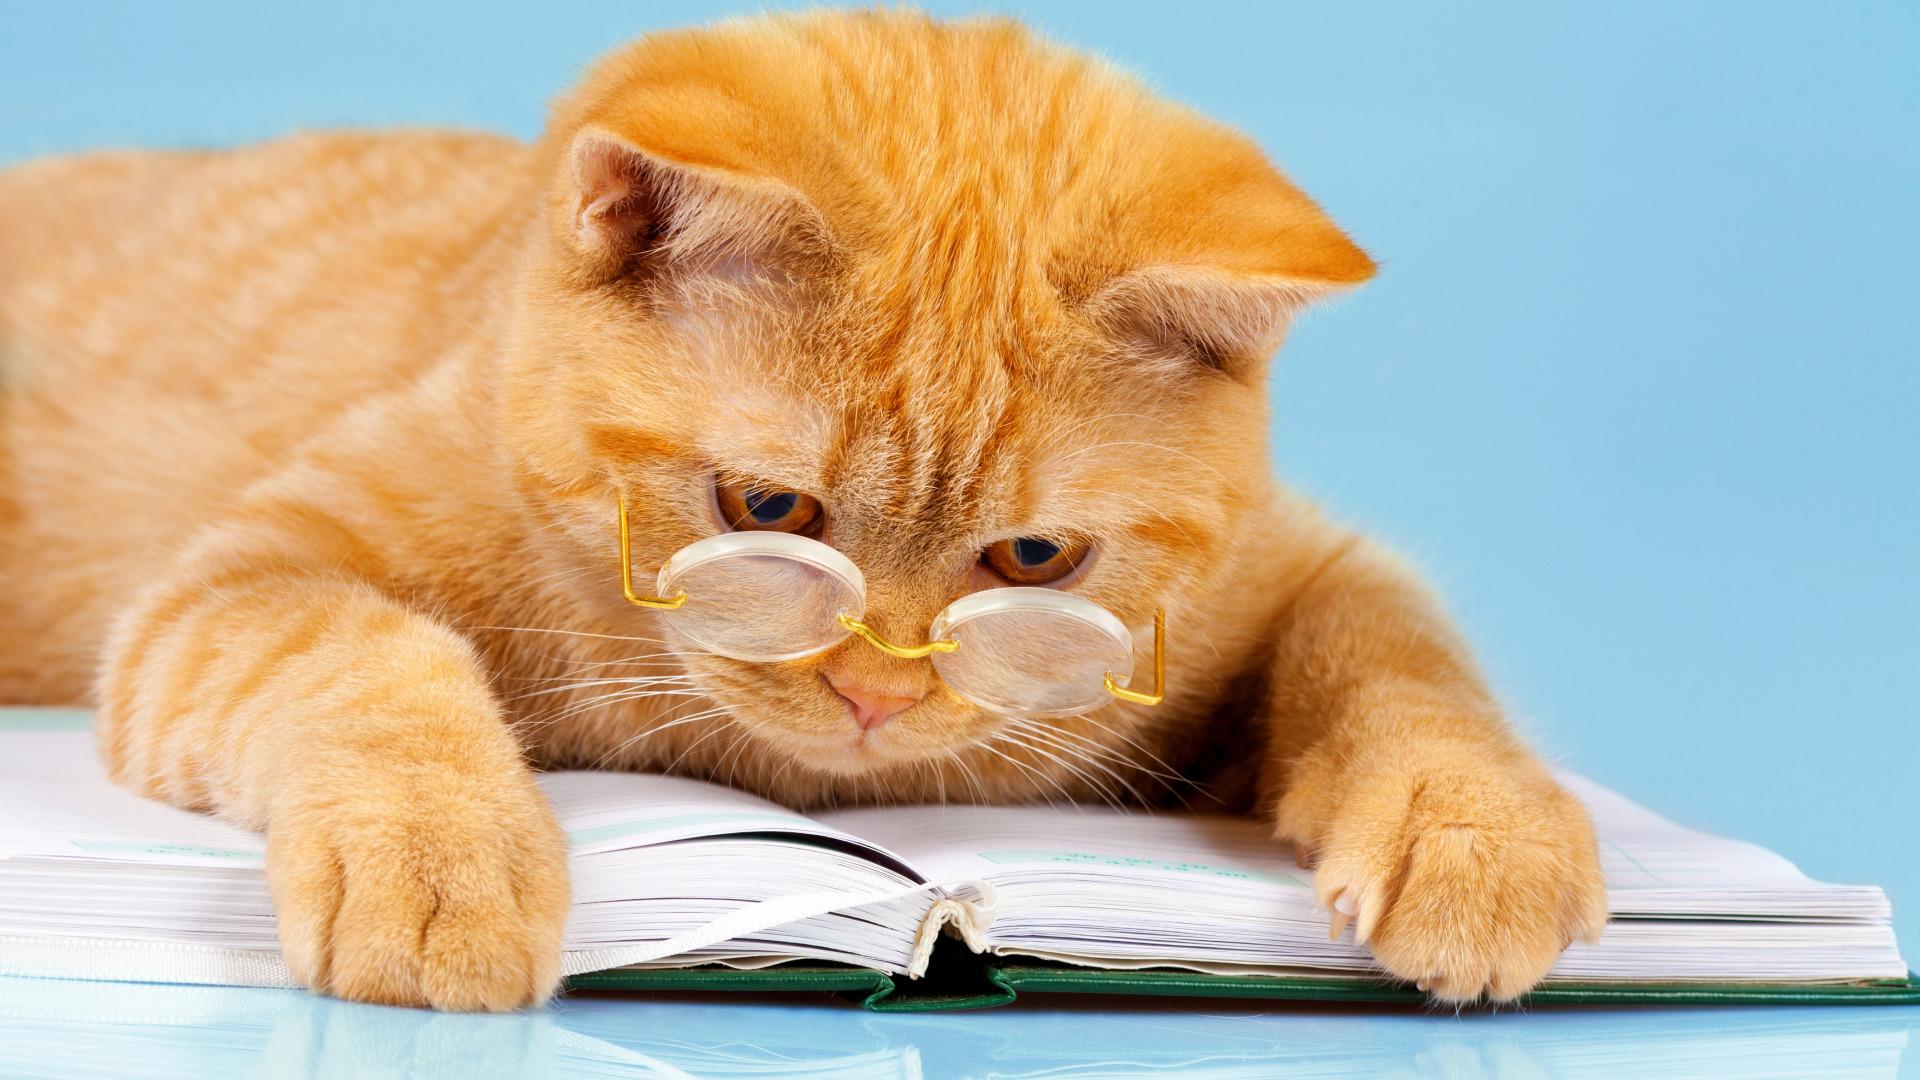 Картинки на рабочий стол веселые коты